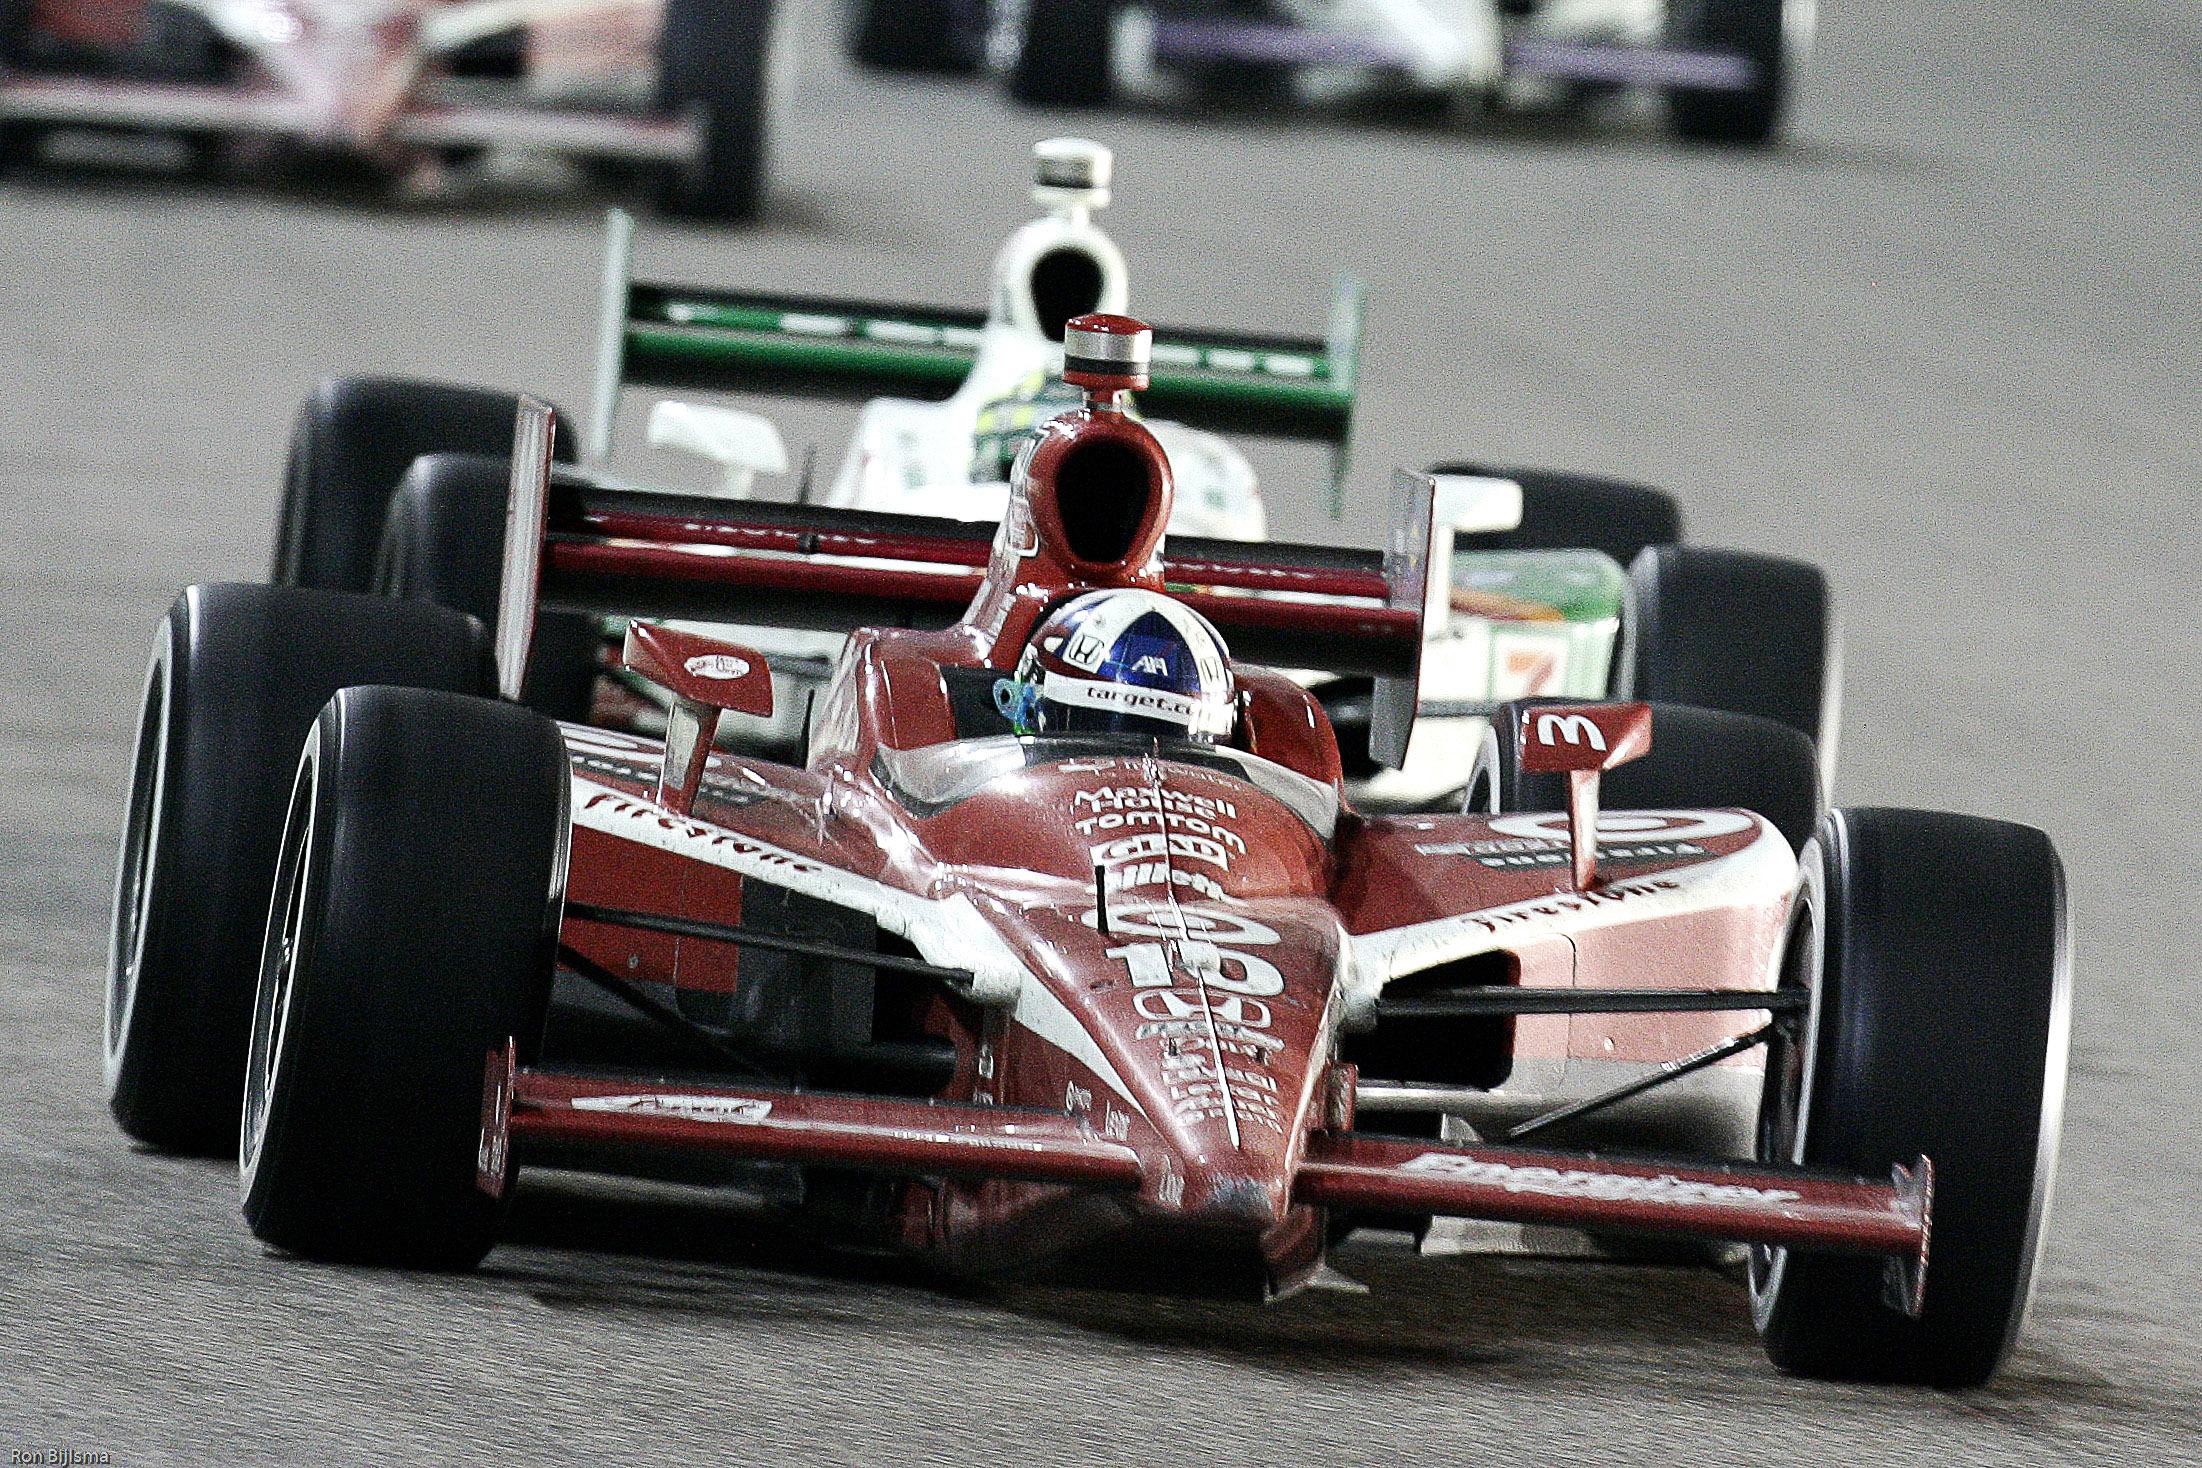 Dario Franchitti Ganassi Homestead IndyCar 2010